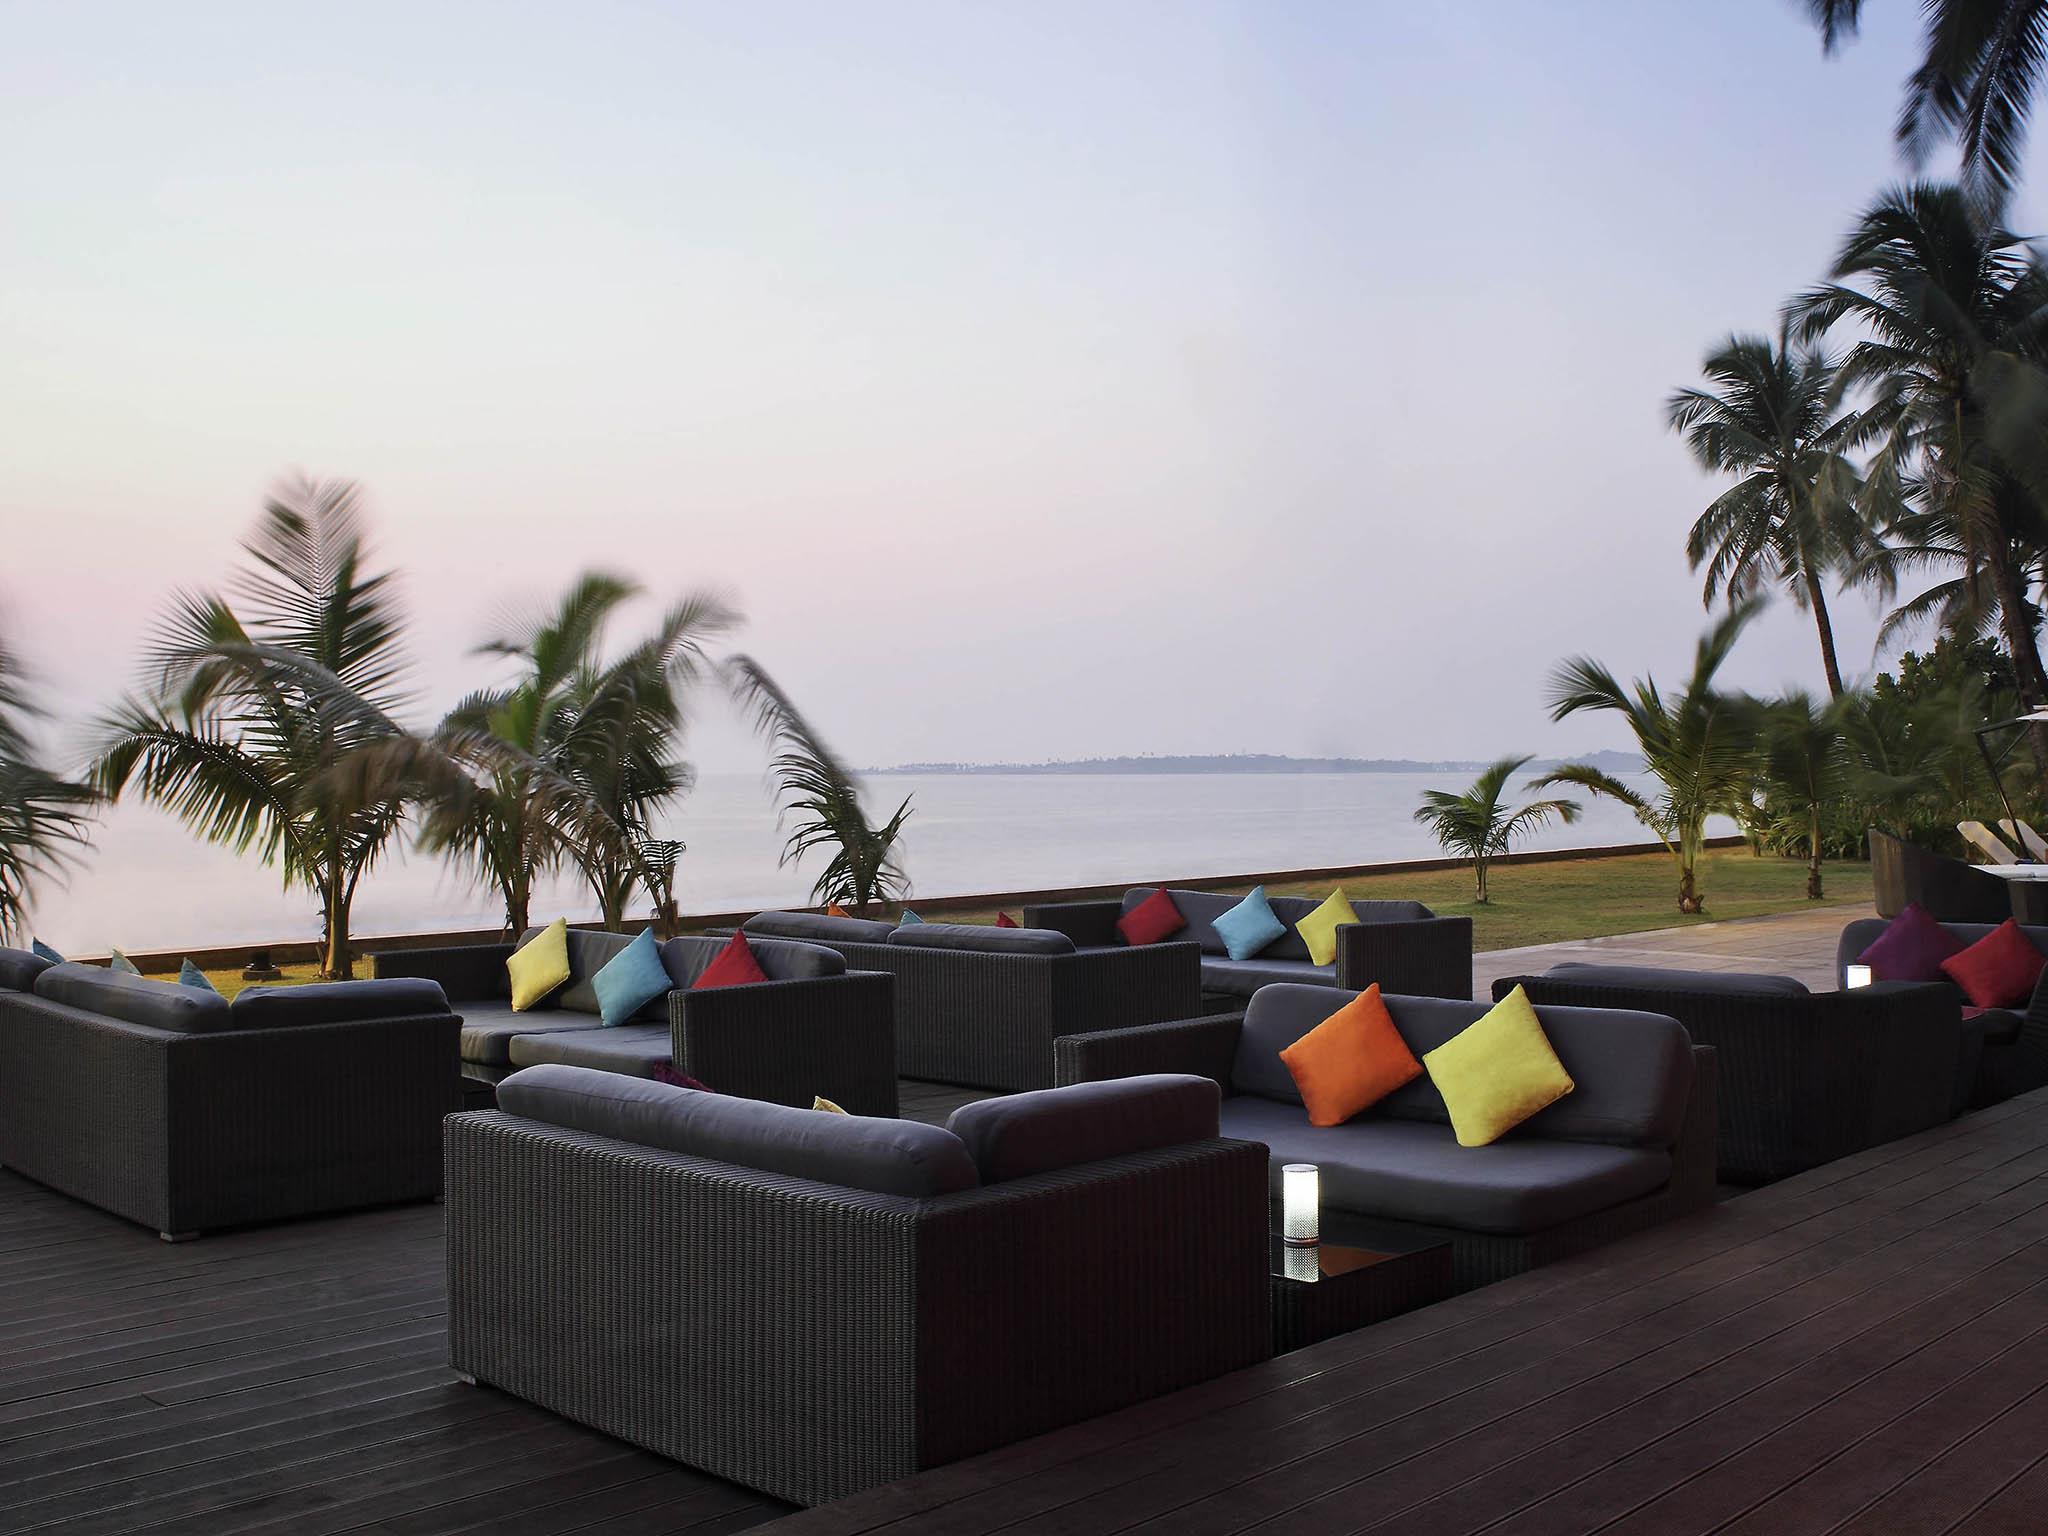 Top 10 Mumbai Hotels Near Juhu Beach | India | Hotels.com